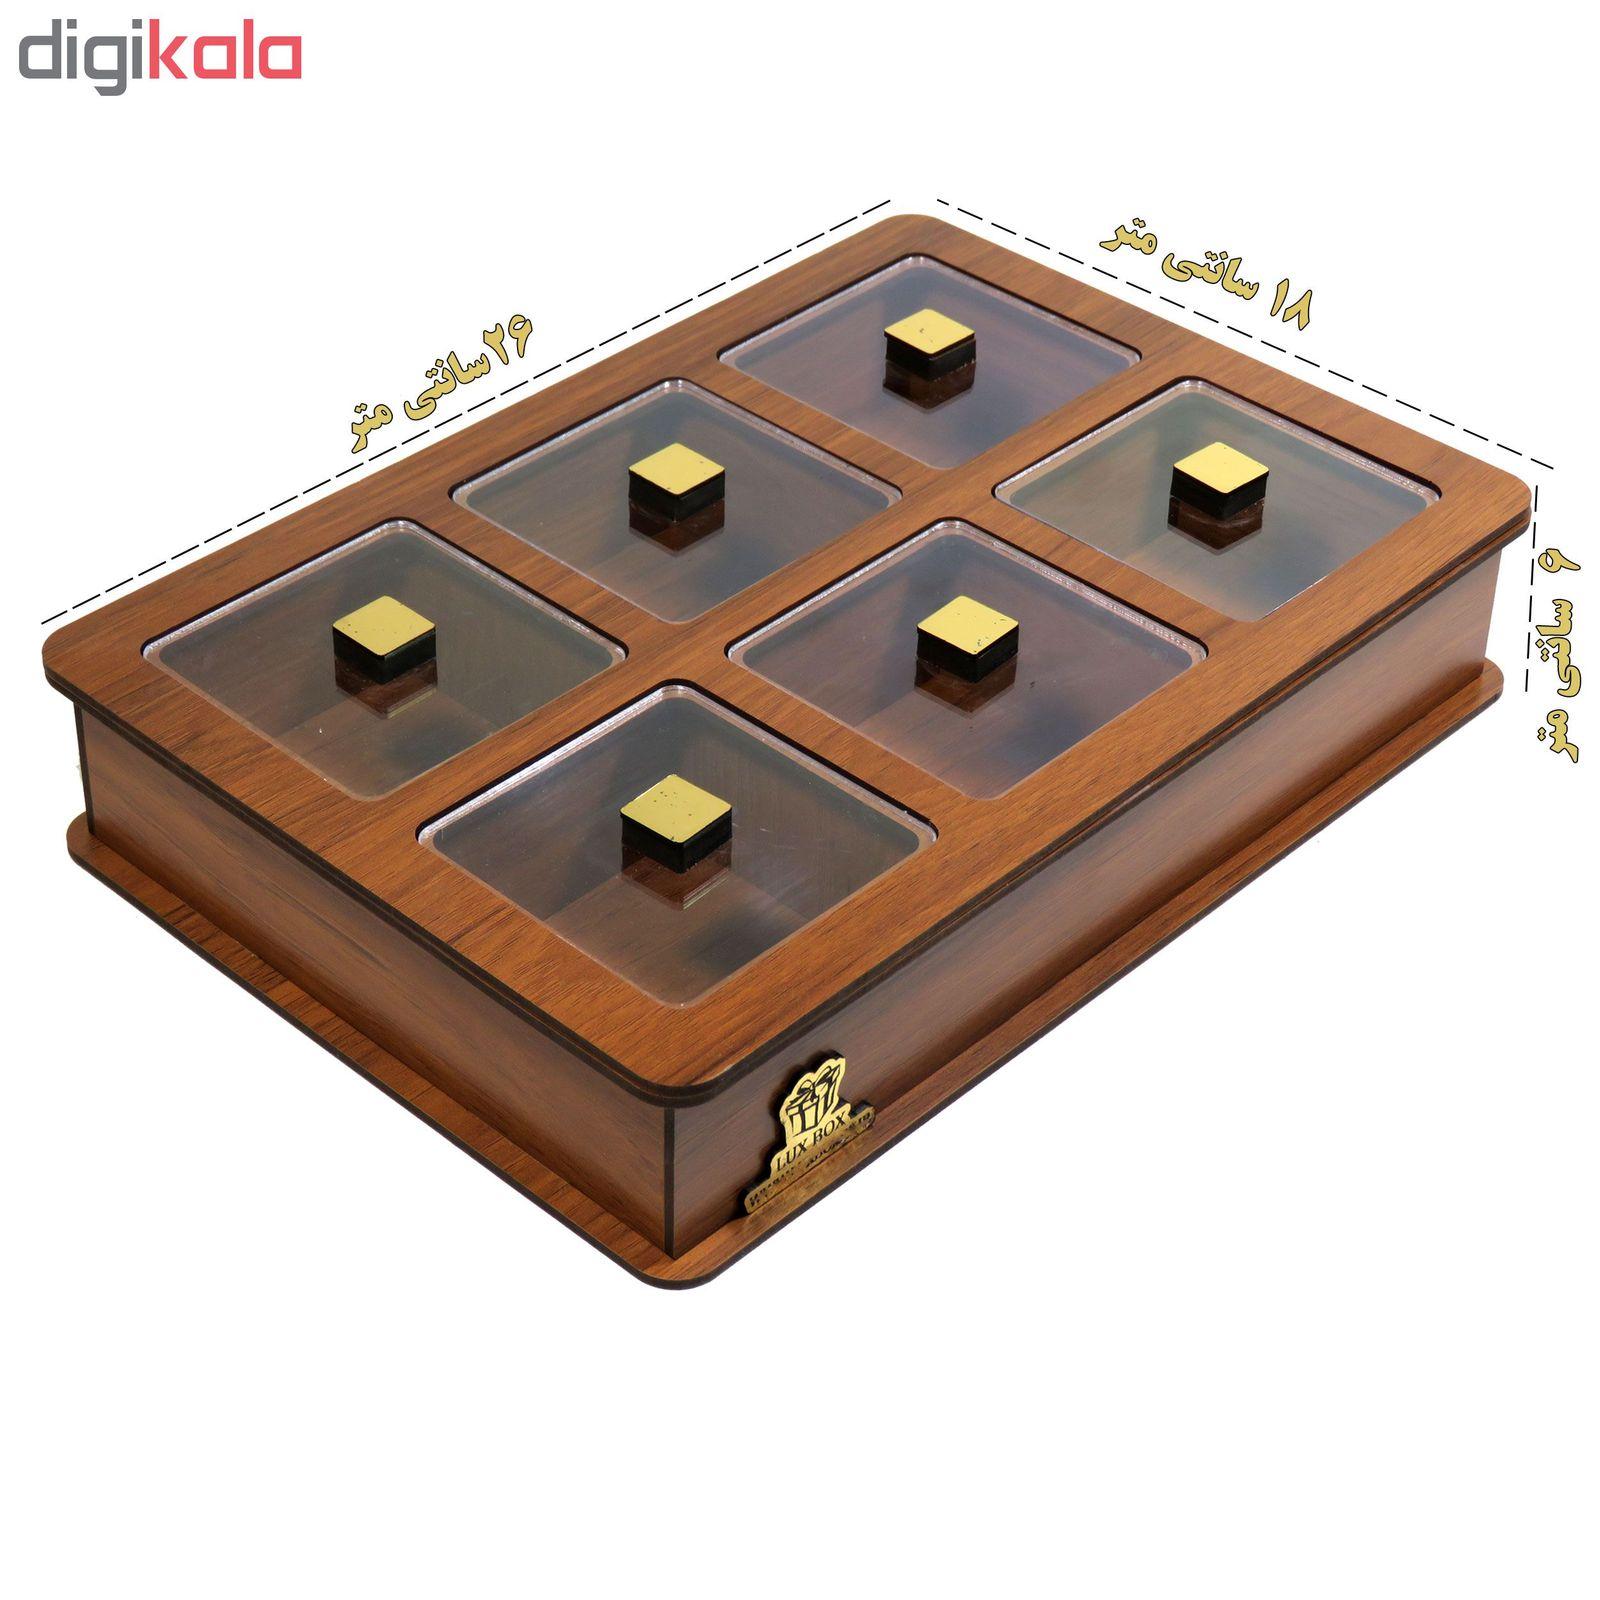 جعبه پذیرایی لوکس باکس مدل LB11 main 1 3